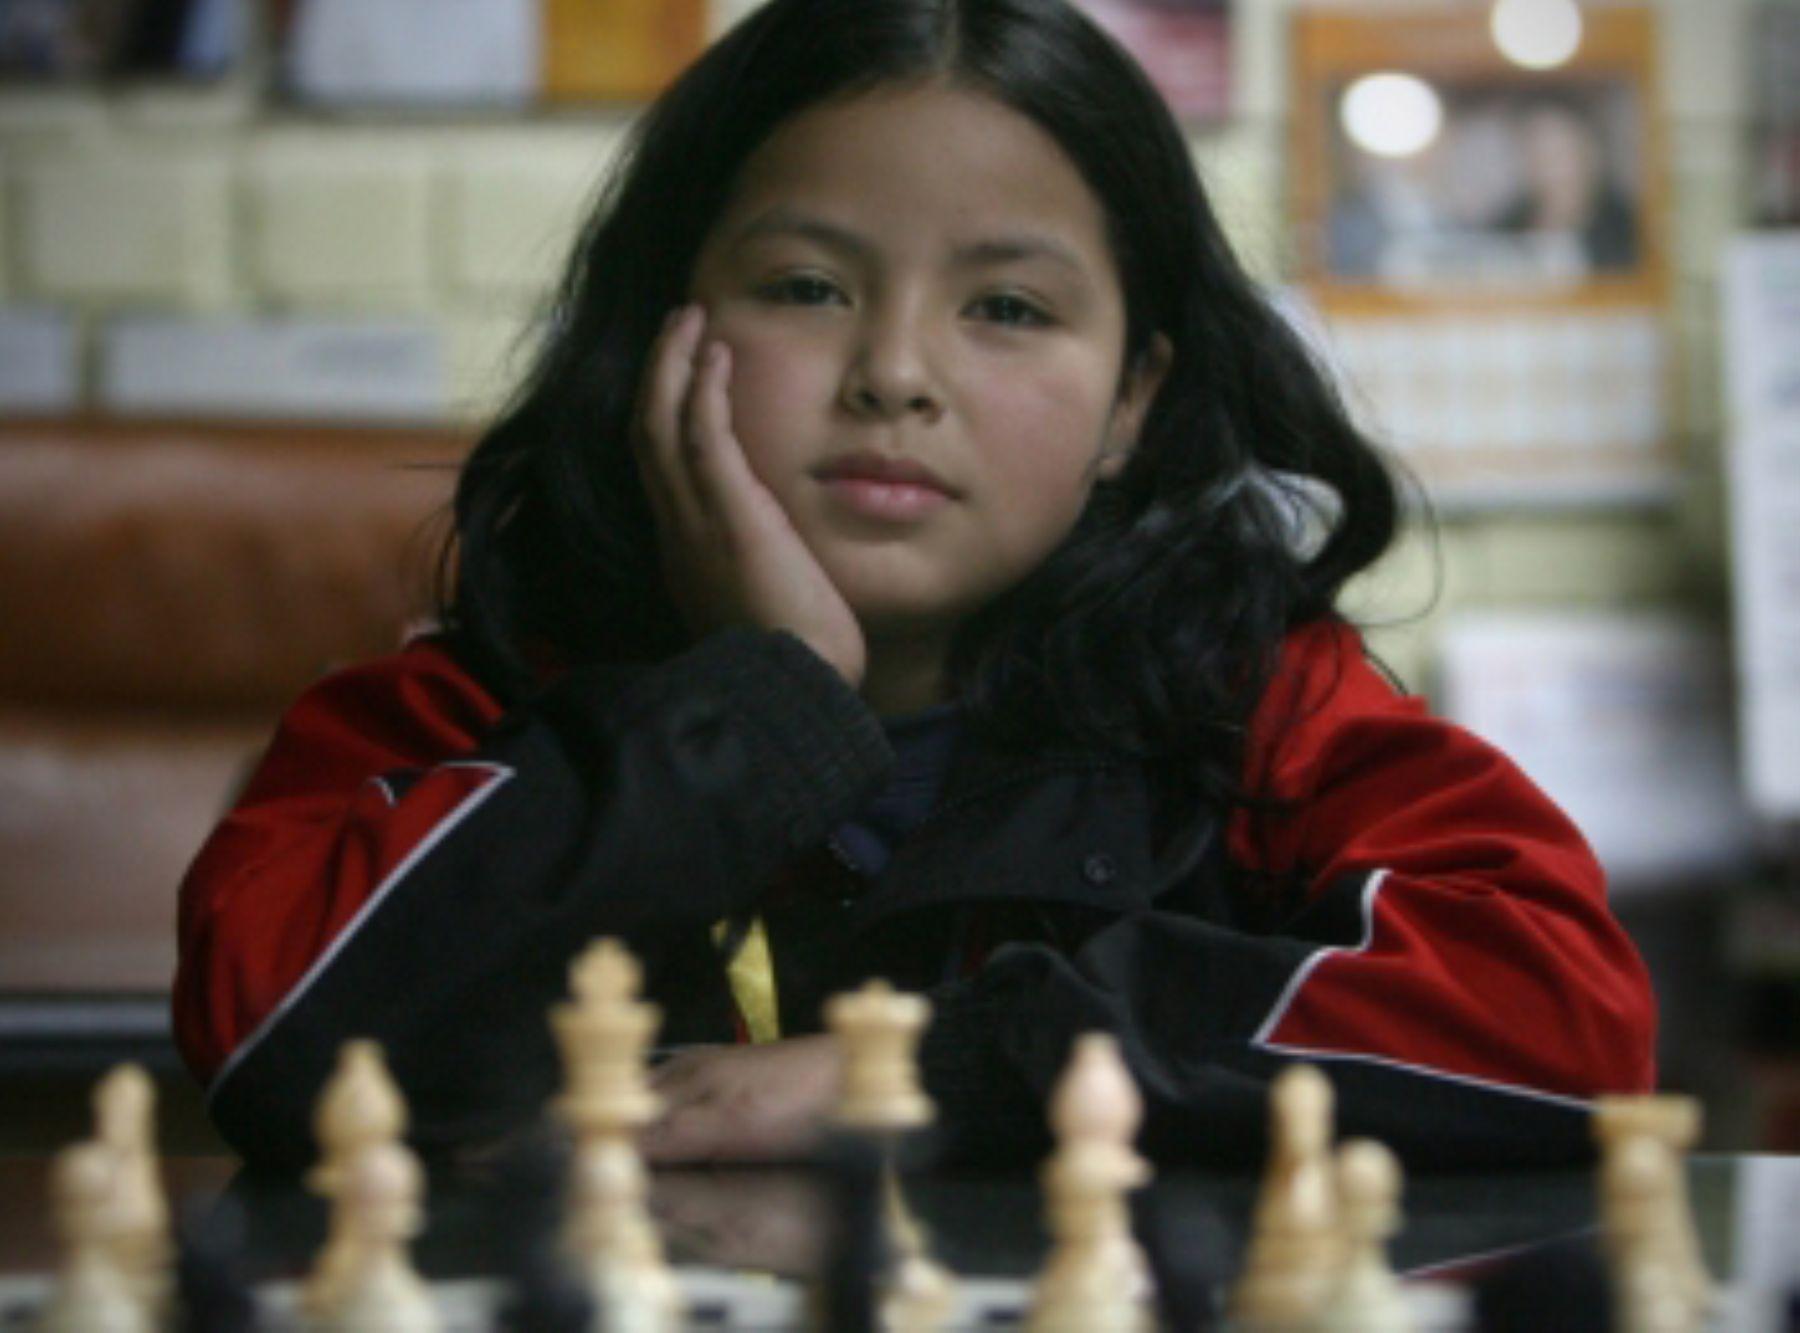 Niña ajedrecista necesita ayuda para viajar a competir en Turquía.